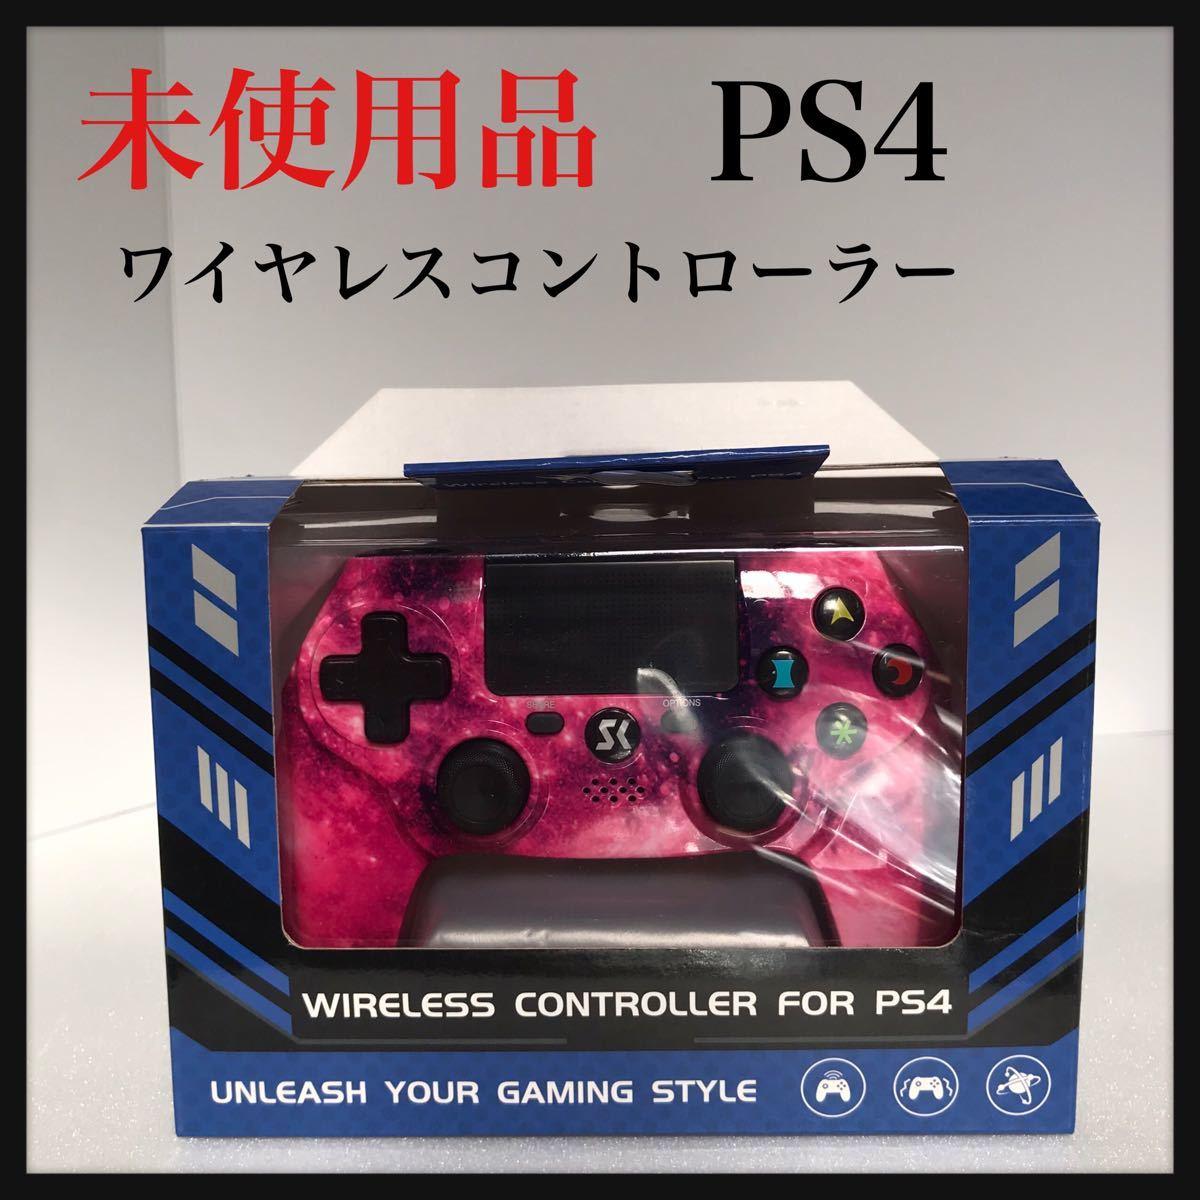 ワイヤレスコントローラー PS4対応 【未使用 即納】説明書、付属ケーブル付き